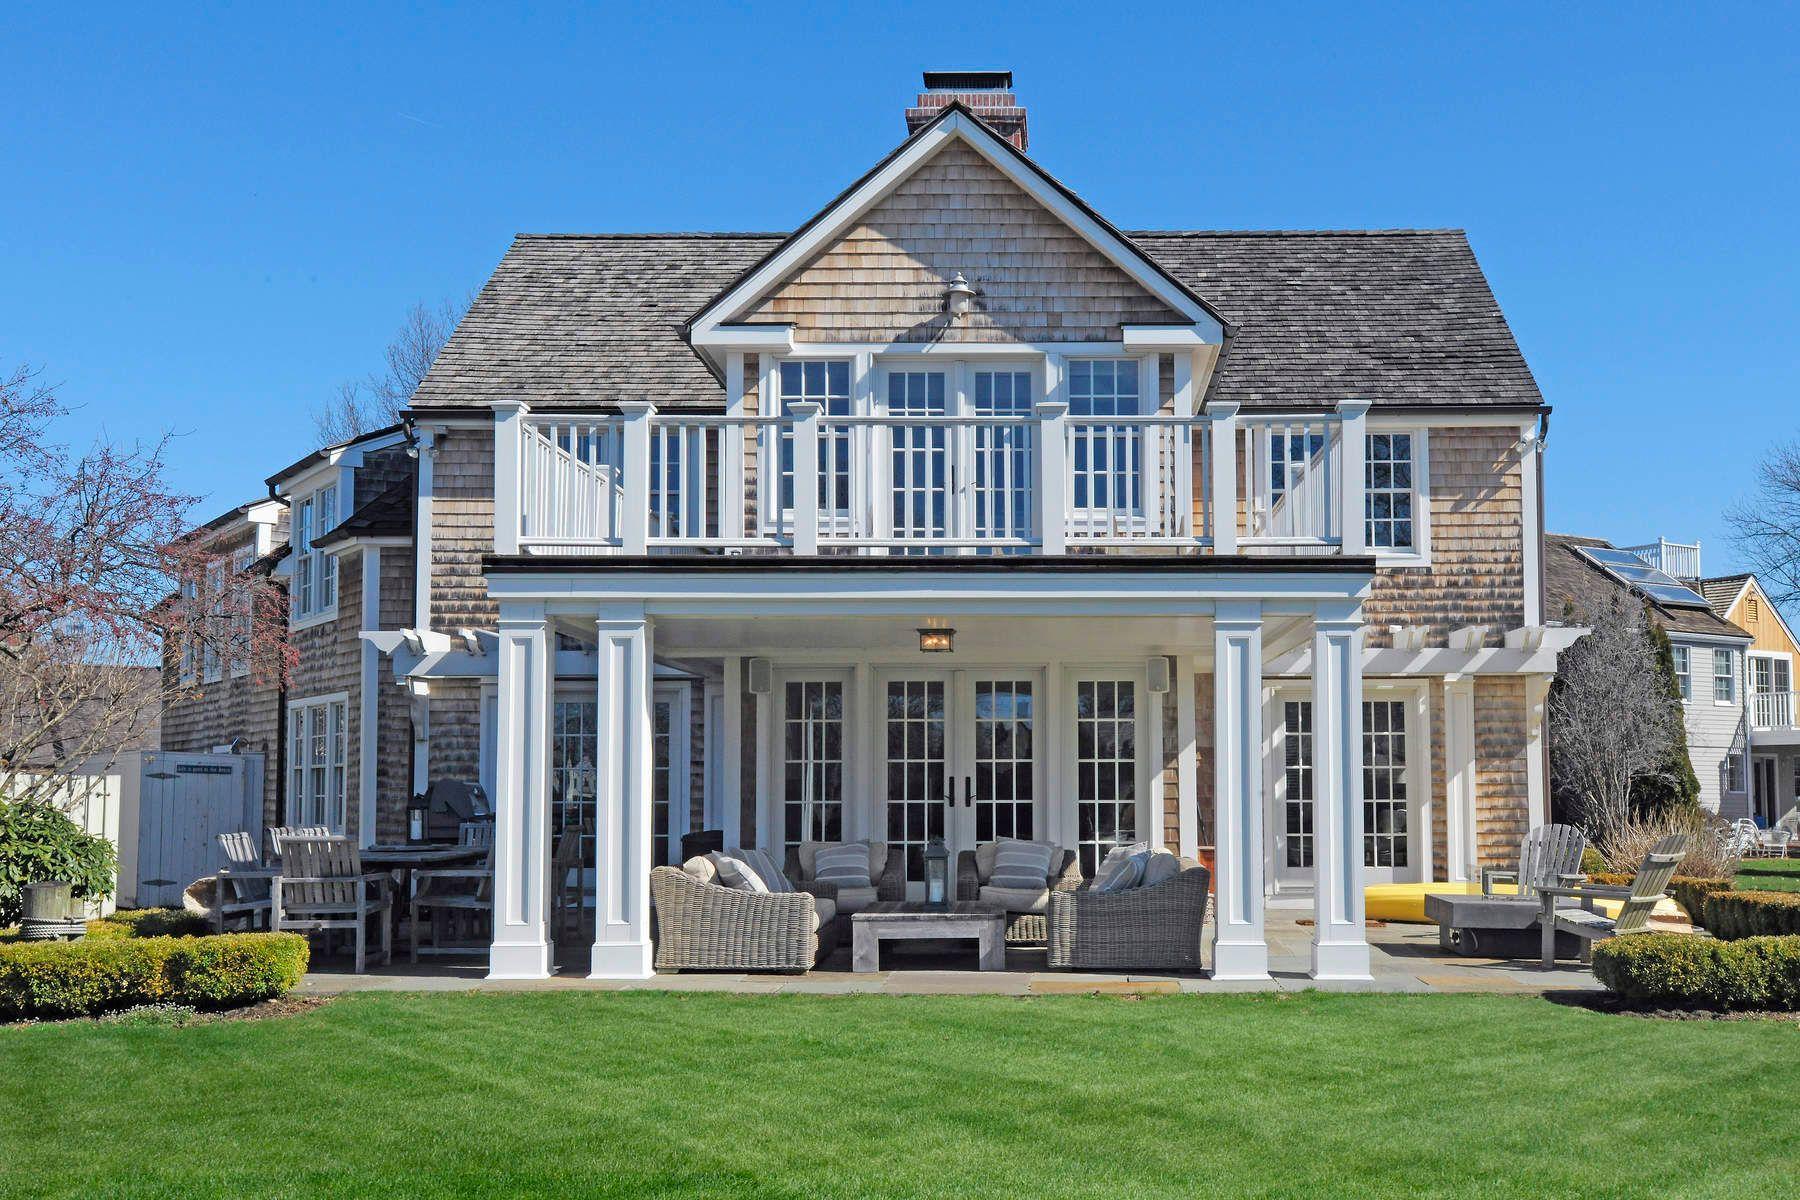 独户住宅 为 销售 在 12 Joshua Slocum Dock 12 Joshua Slocum Dock 斯坦福, 康涅狄格州 06902 美国